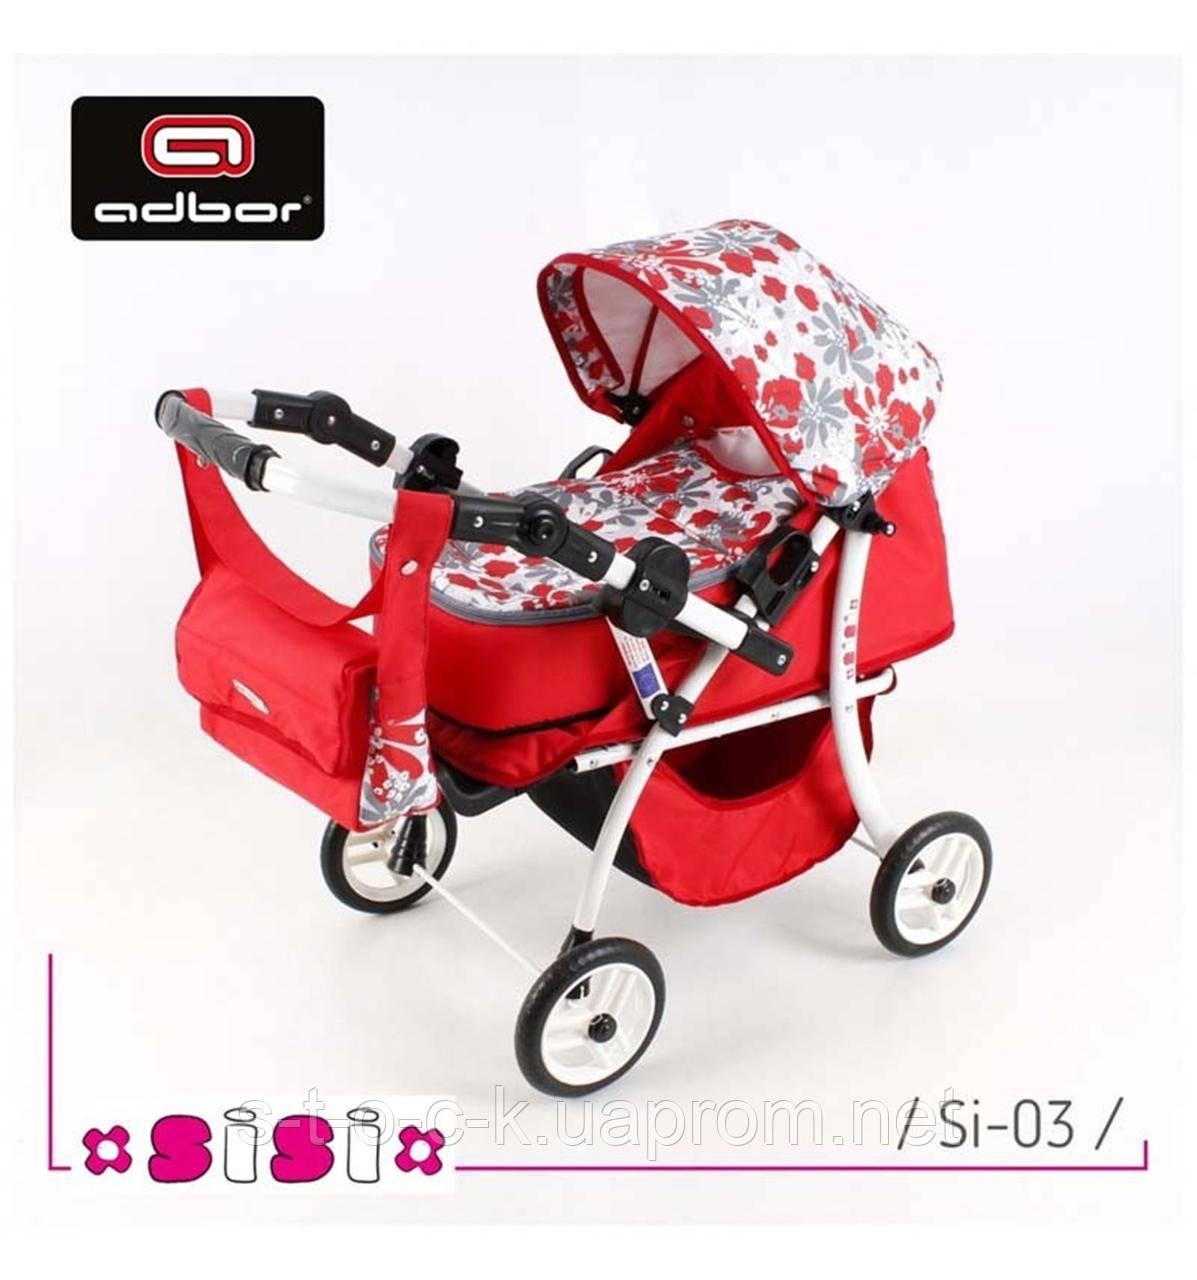 Дитяча коляска для ляльок SiSi  від відомого польського виробника Adbor